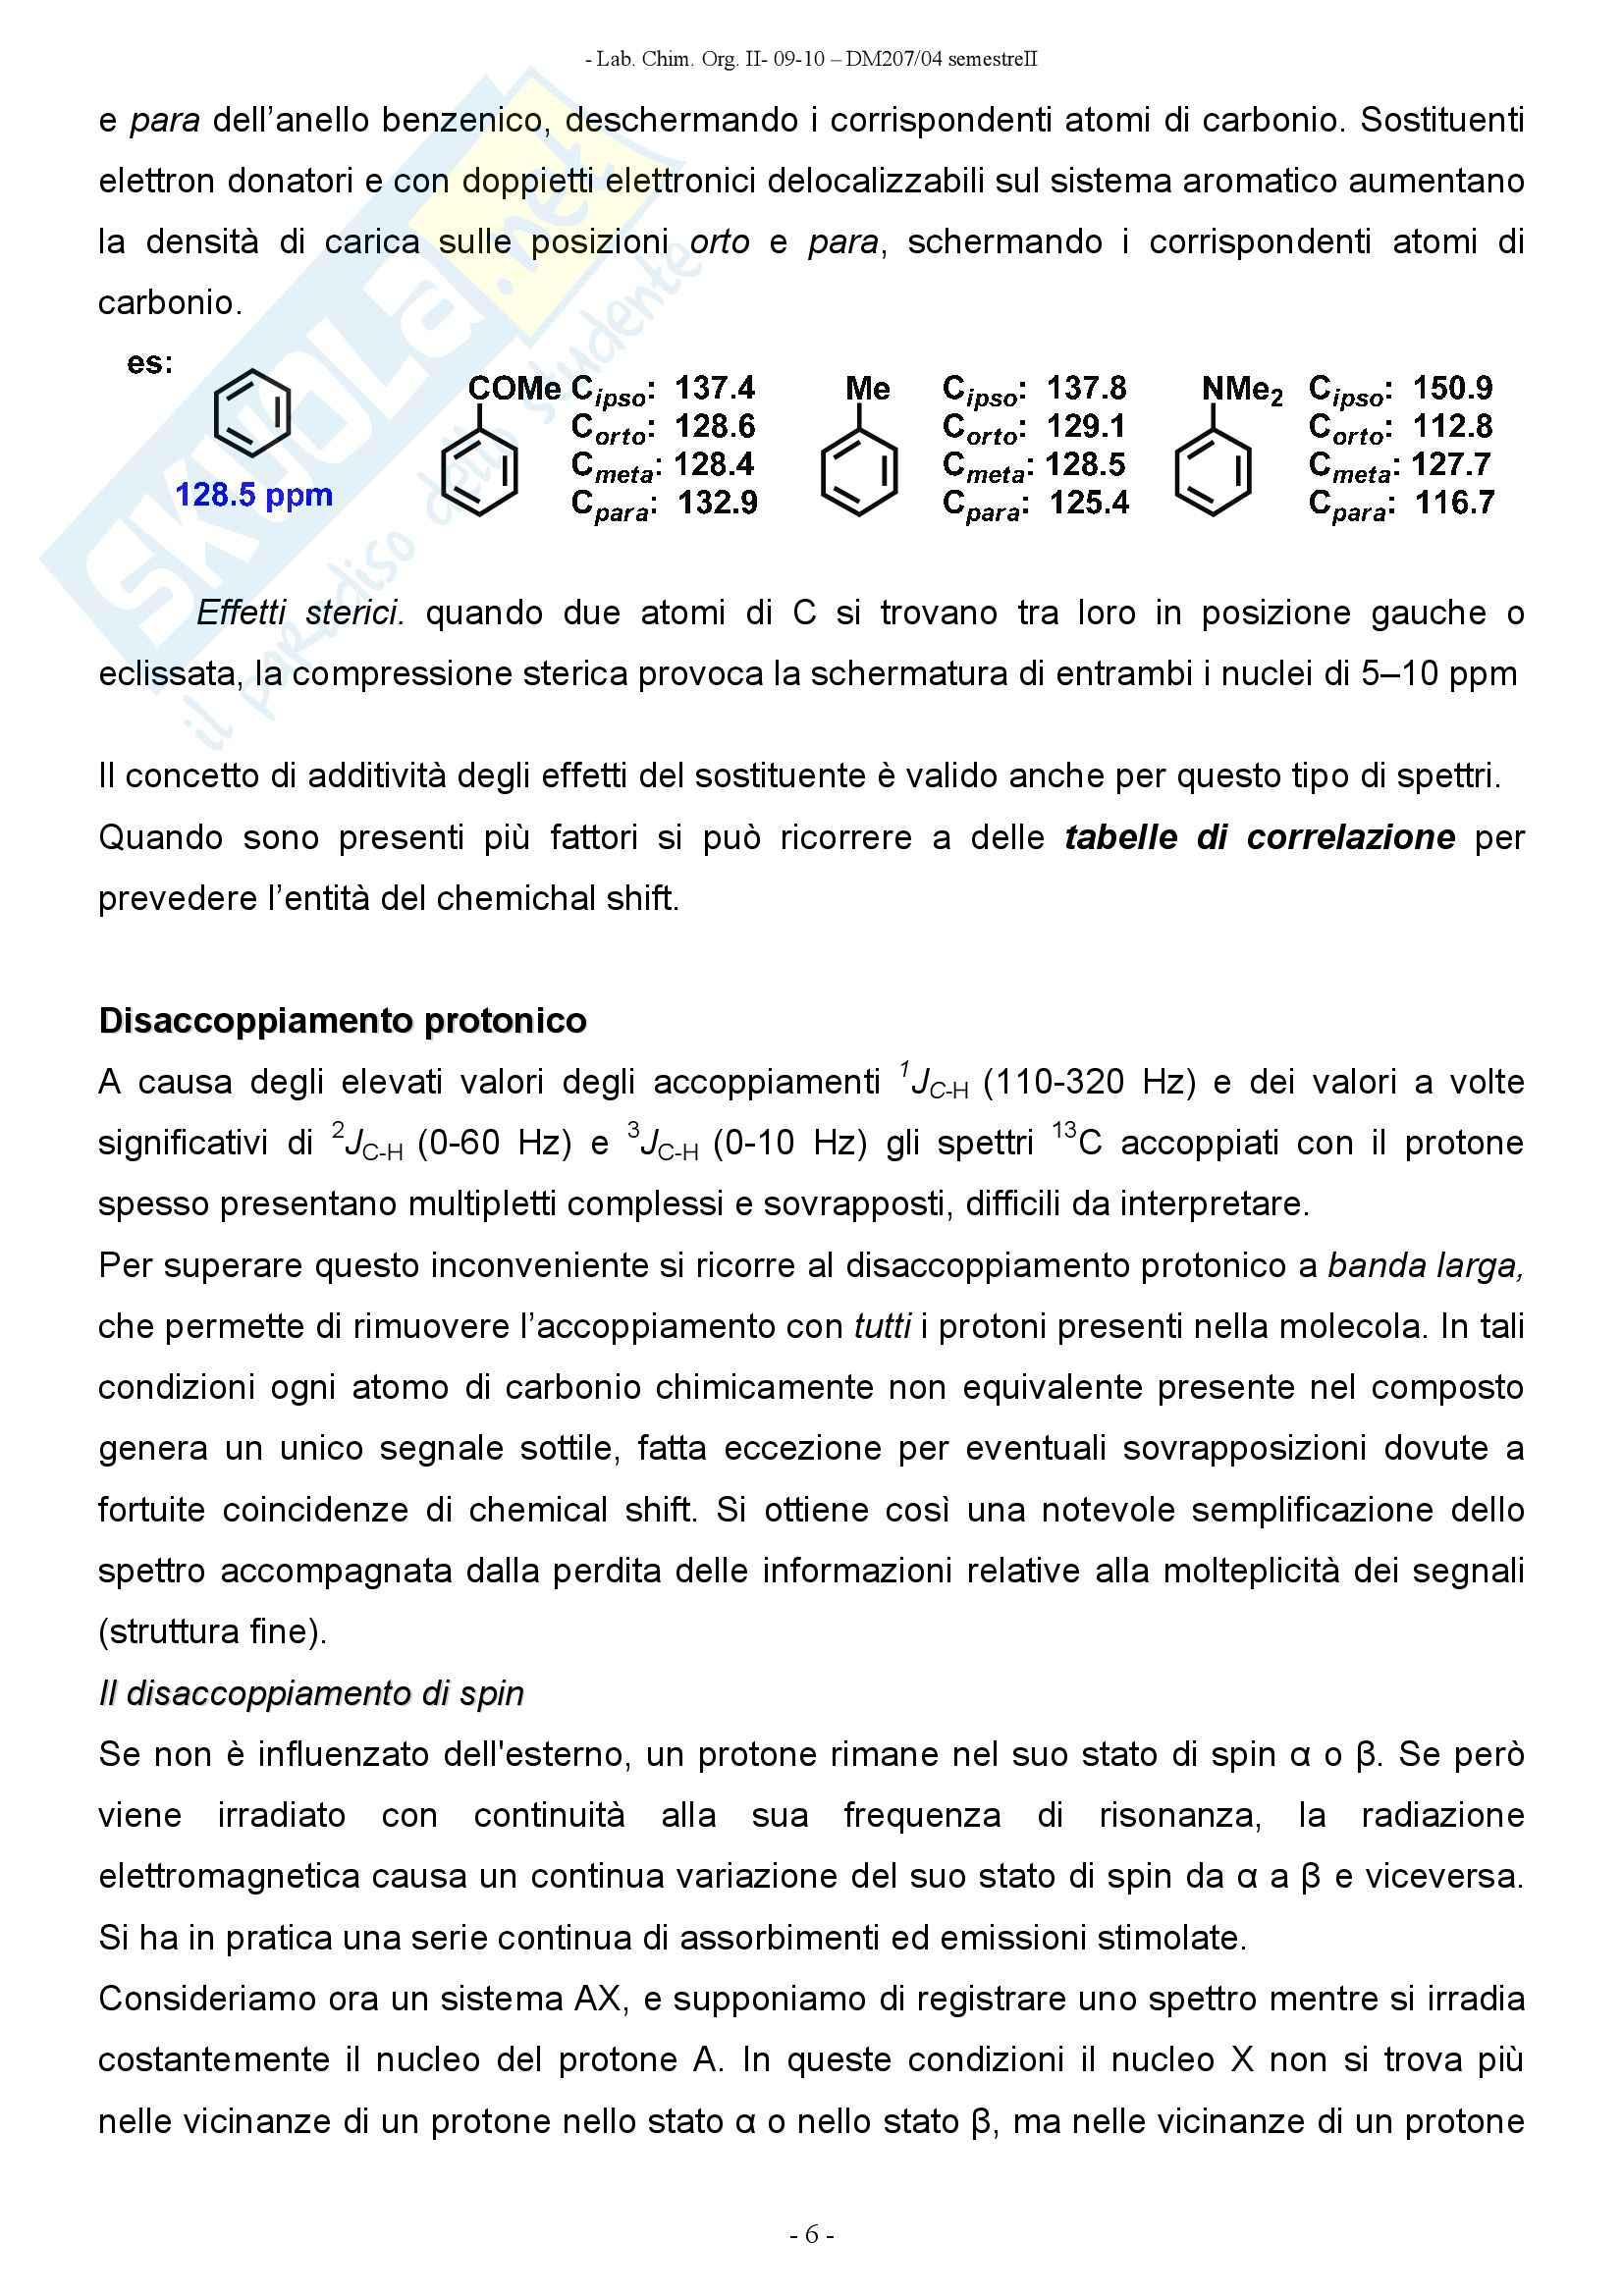 Chimica organica -  spettroscopia di risonanza magnetica al carbonio Pag. 6